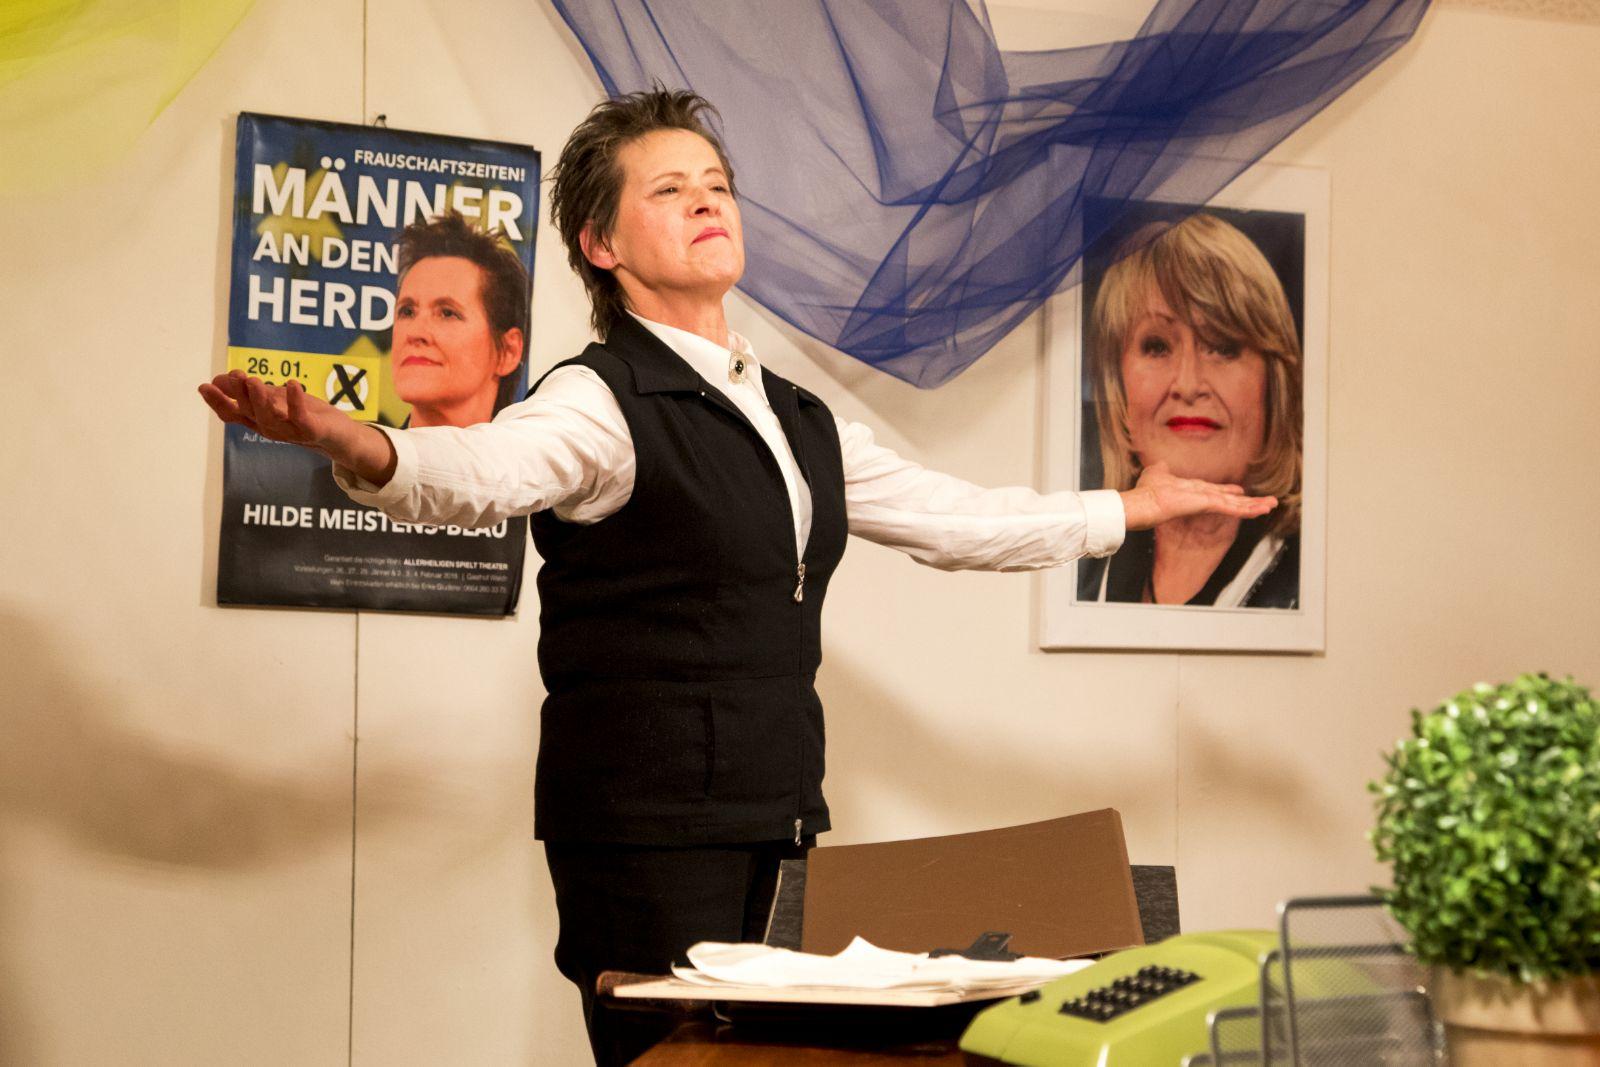 Christa Handl als Hilde Meistens-Blau, Kandidatin der Opposition